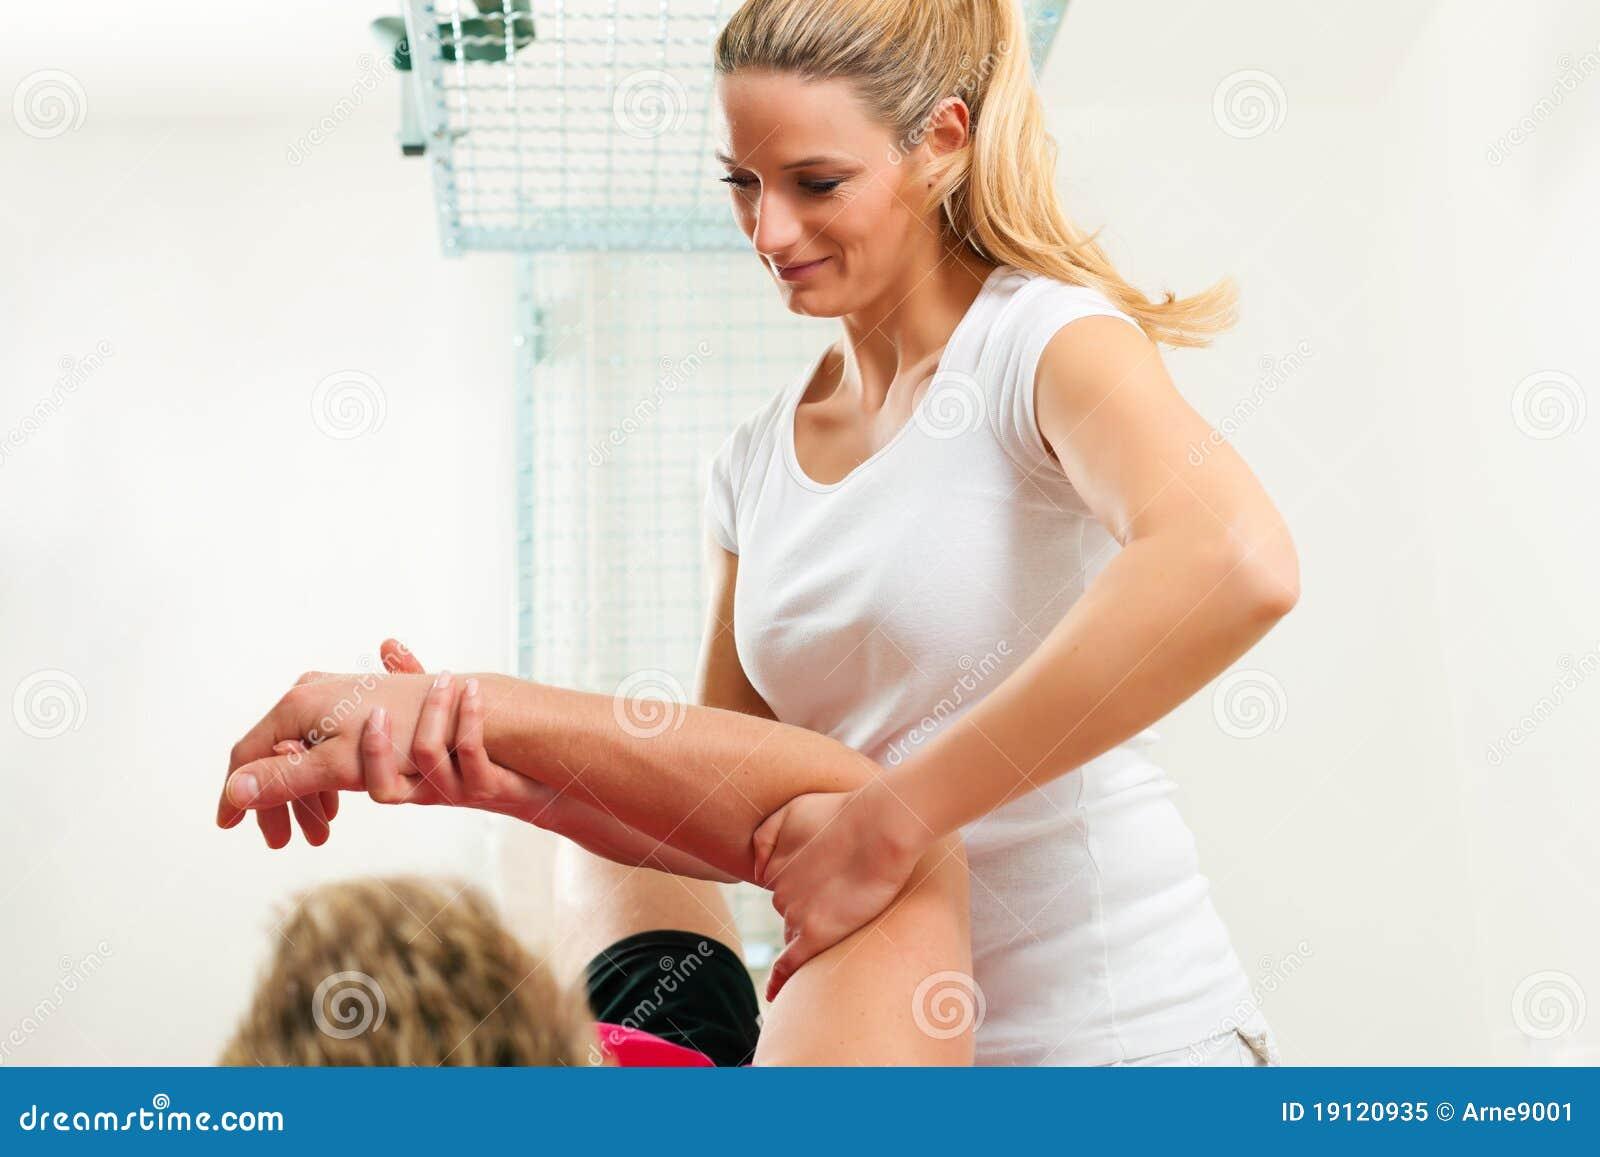 Patient sjukgymnastik